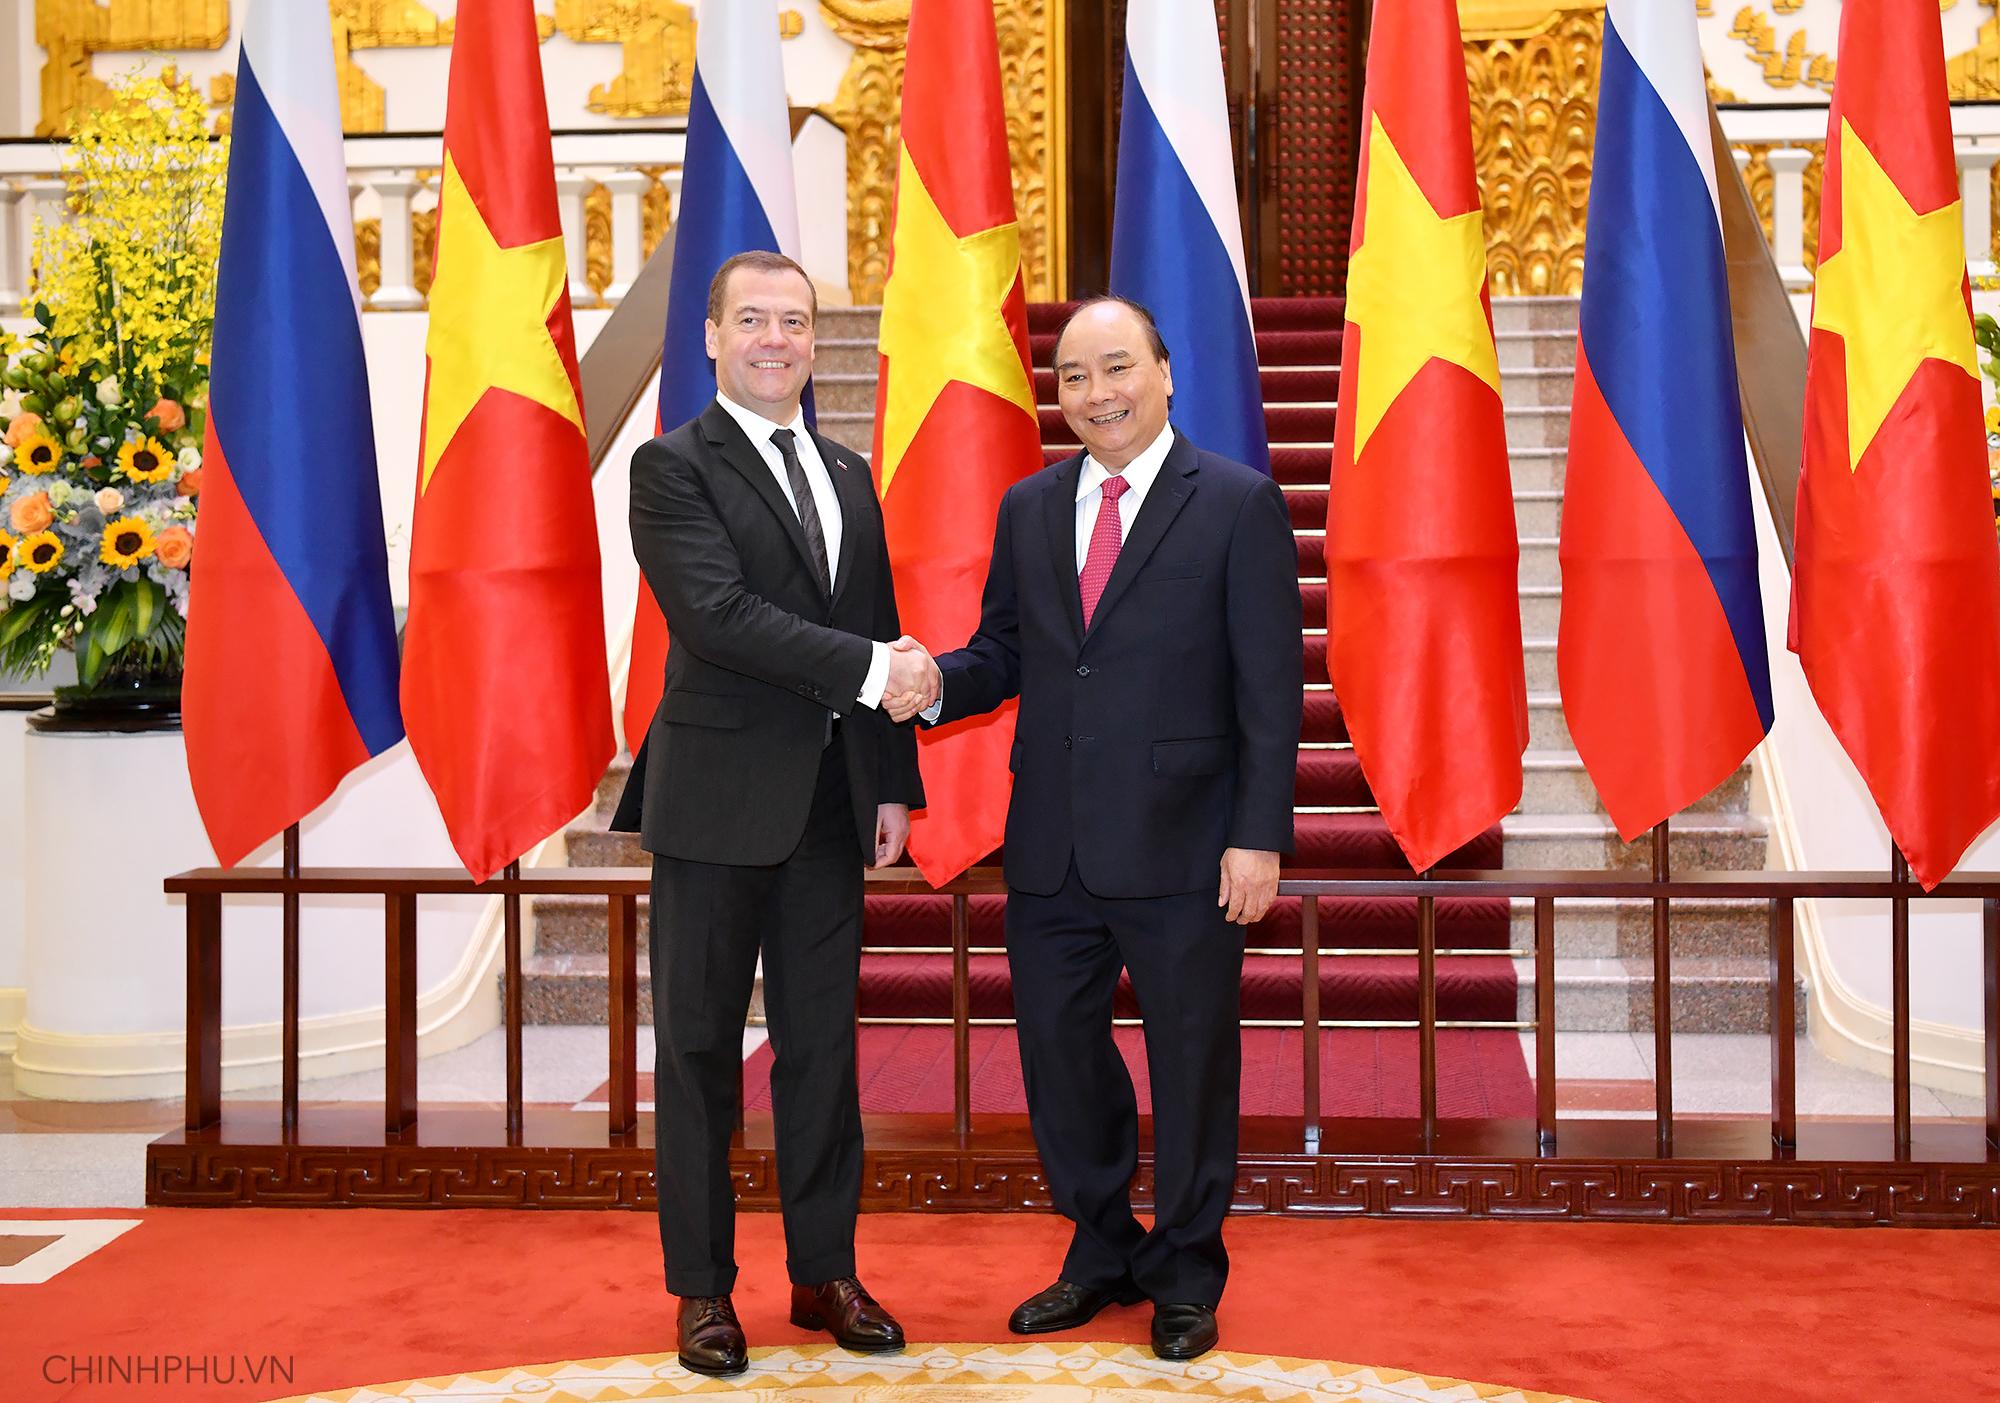 Thúc đẩy hơn nữa hợp tác Việt - Nga trên nhiều lĩnh vực